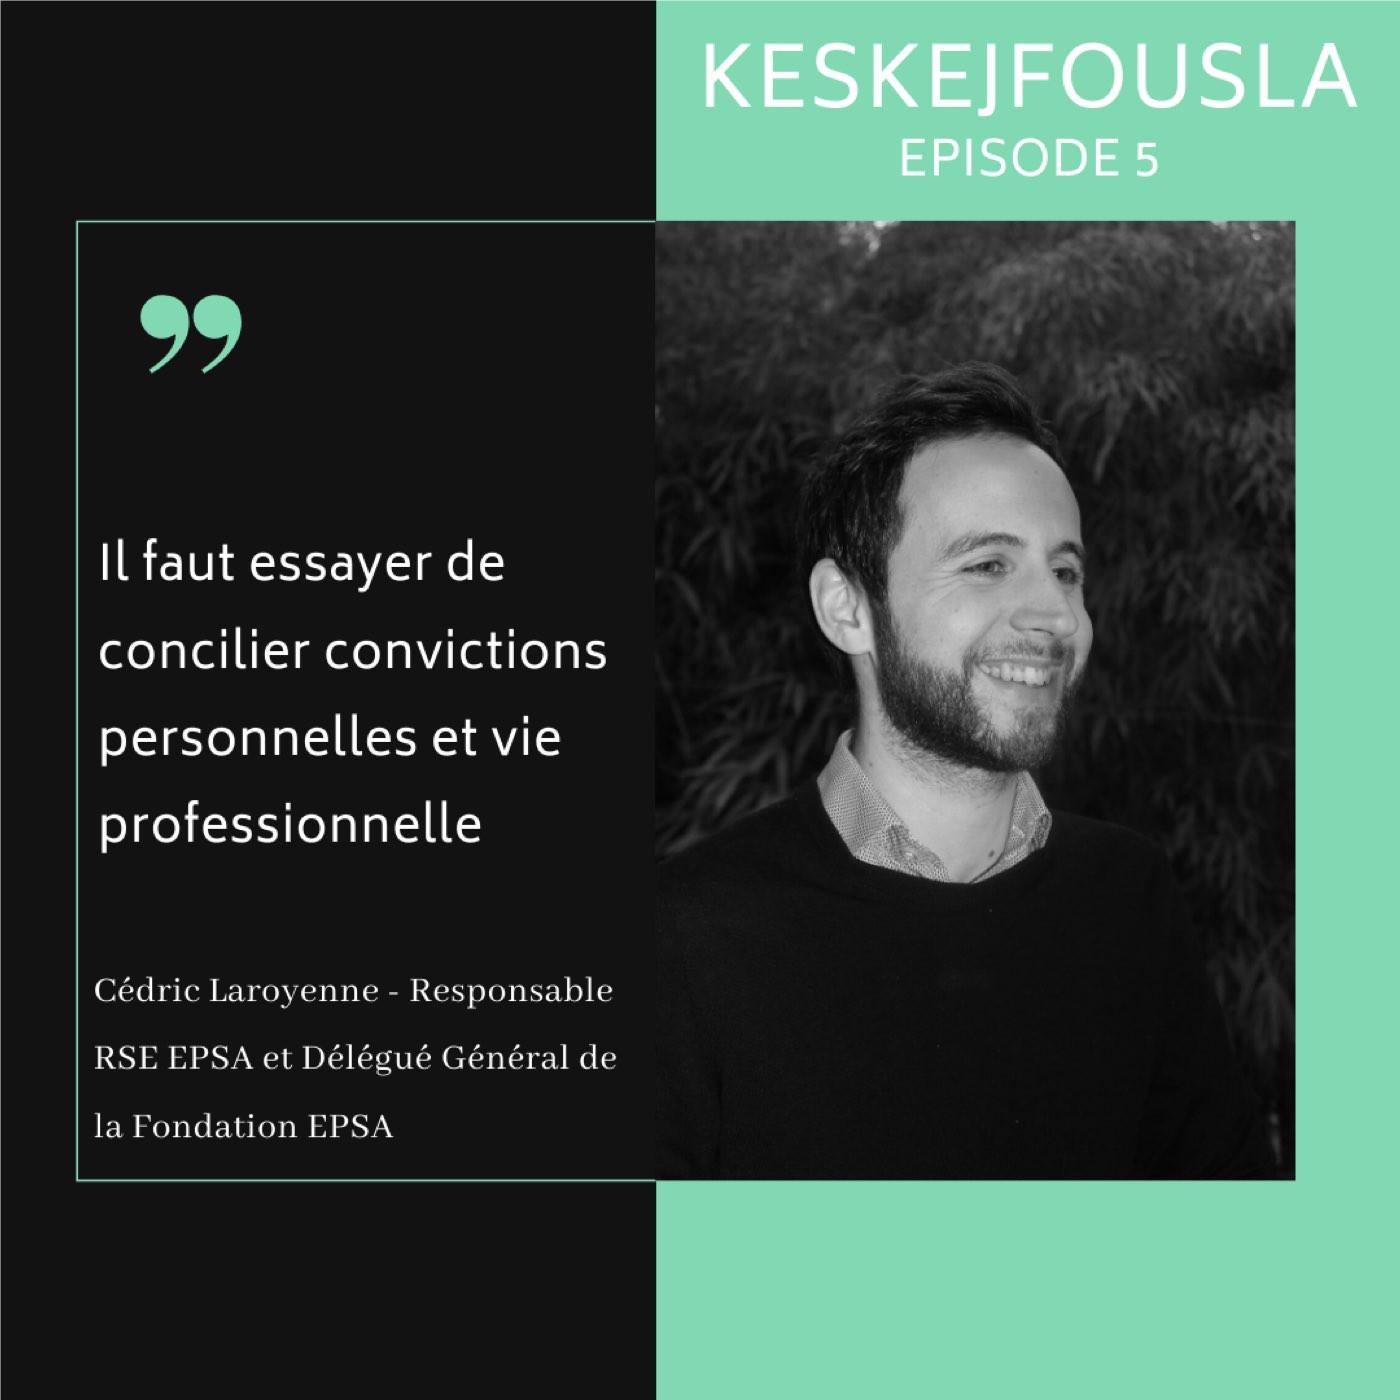 Ép.5_Cédric Laroyenne :  Concilier convictions personnelles et vie professionnelle